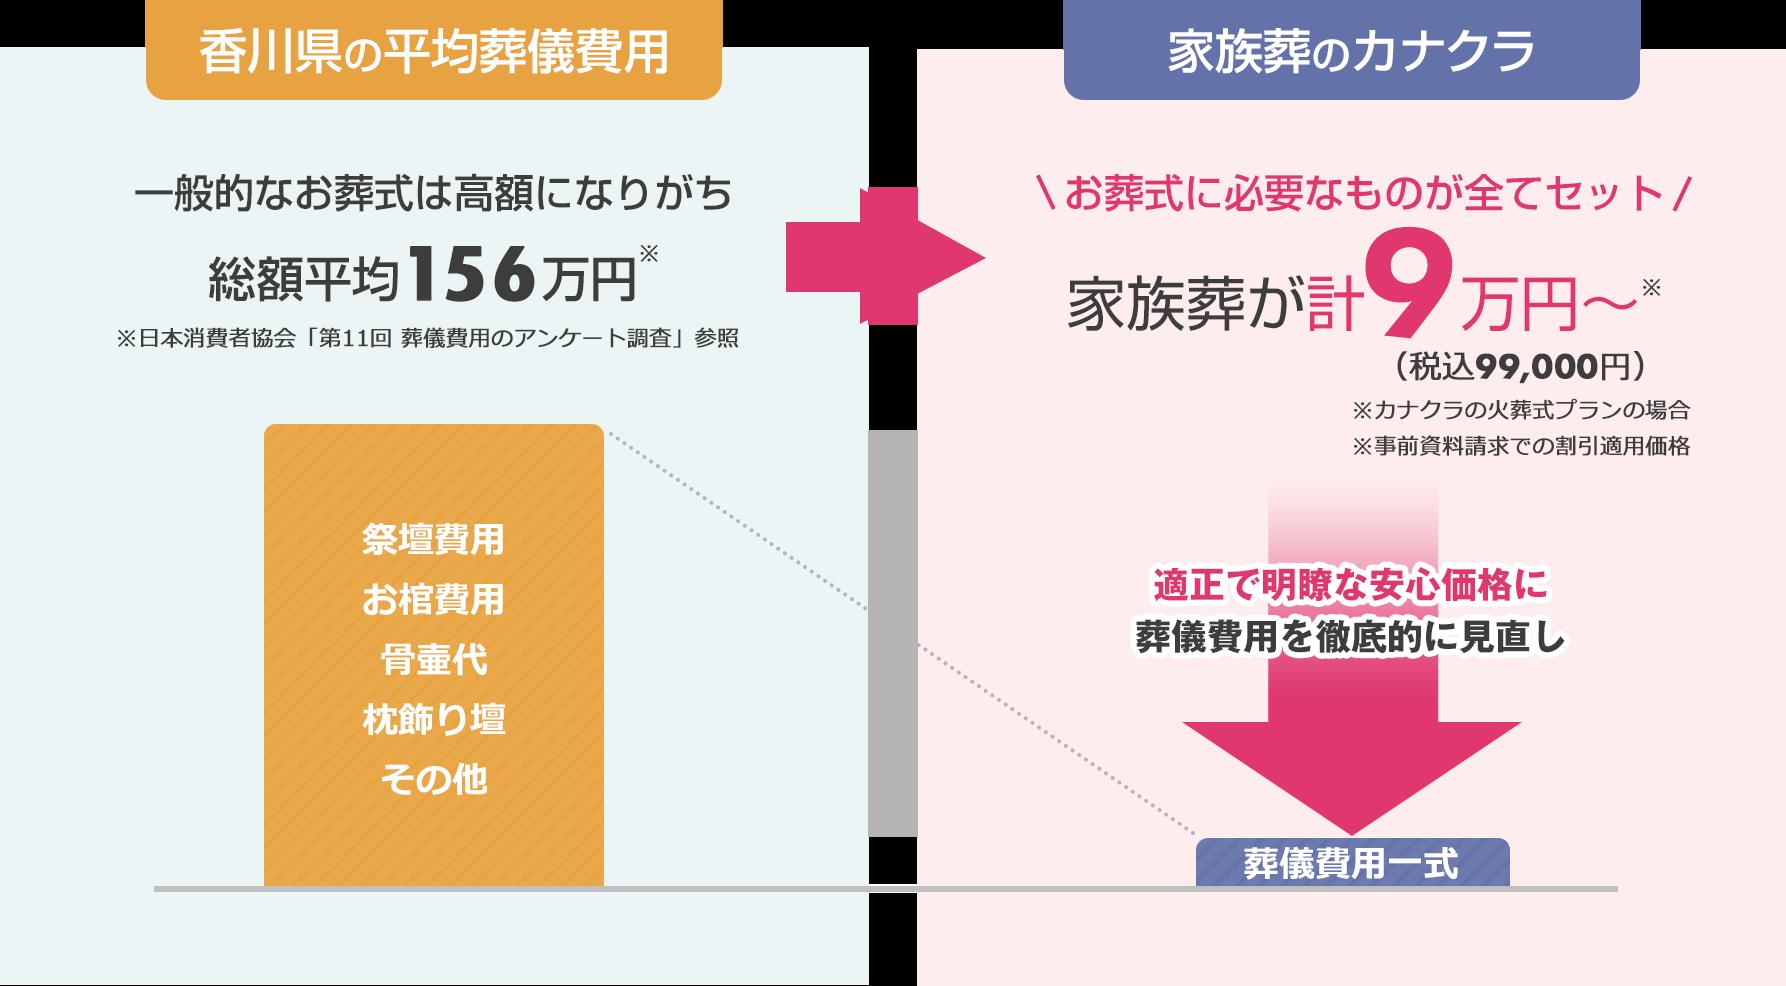 香川県高松市の平均葬儀費用、総額平均は様々な物品・サービスを含めて91万円程度と高額になりがちです。